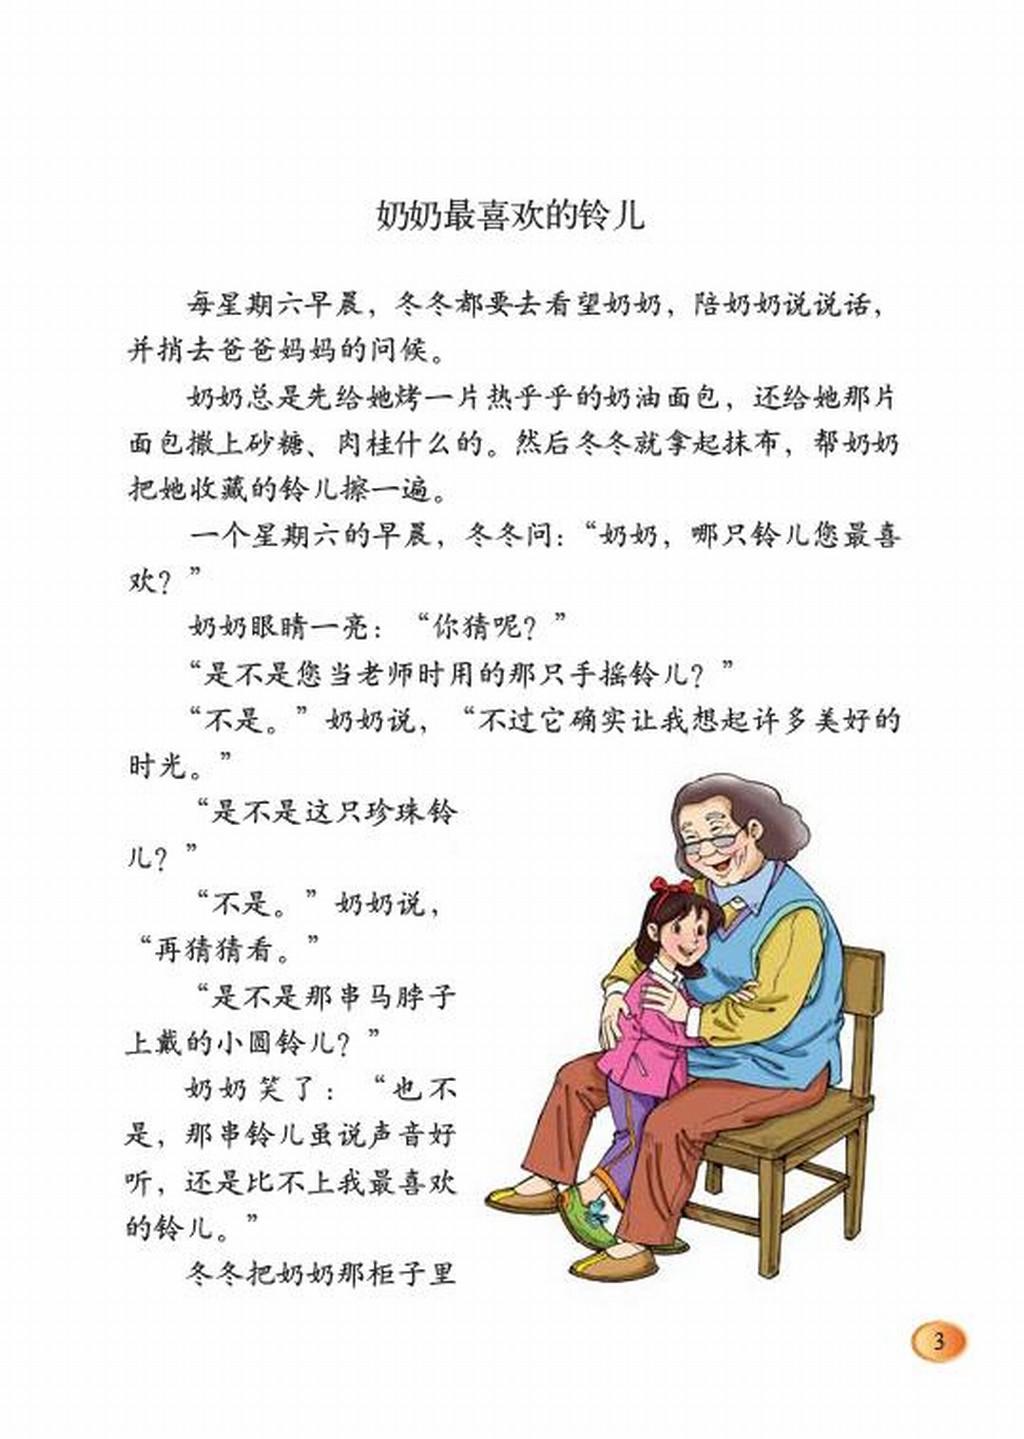 北师大版三年级语文下册第1单元 亲情